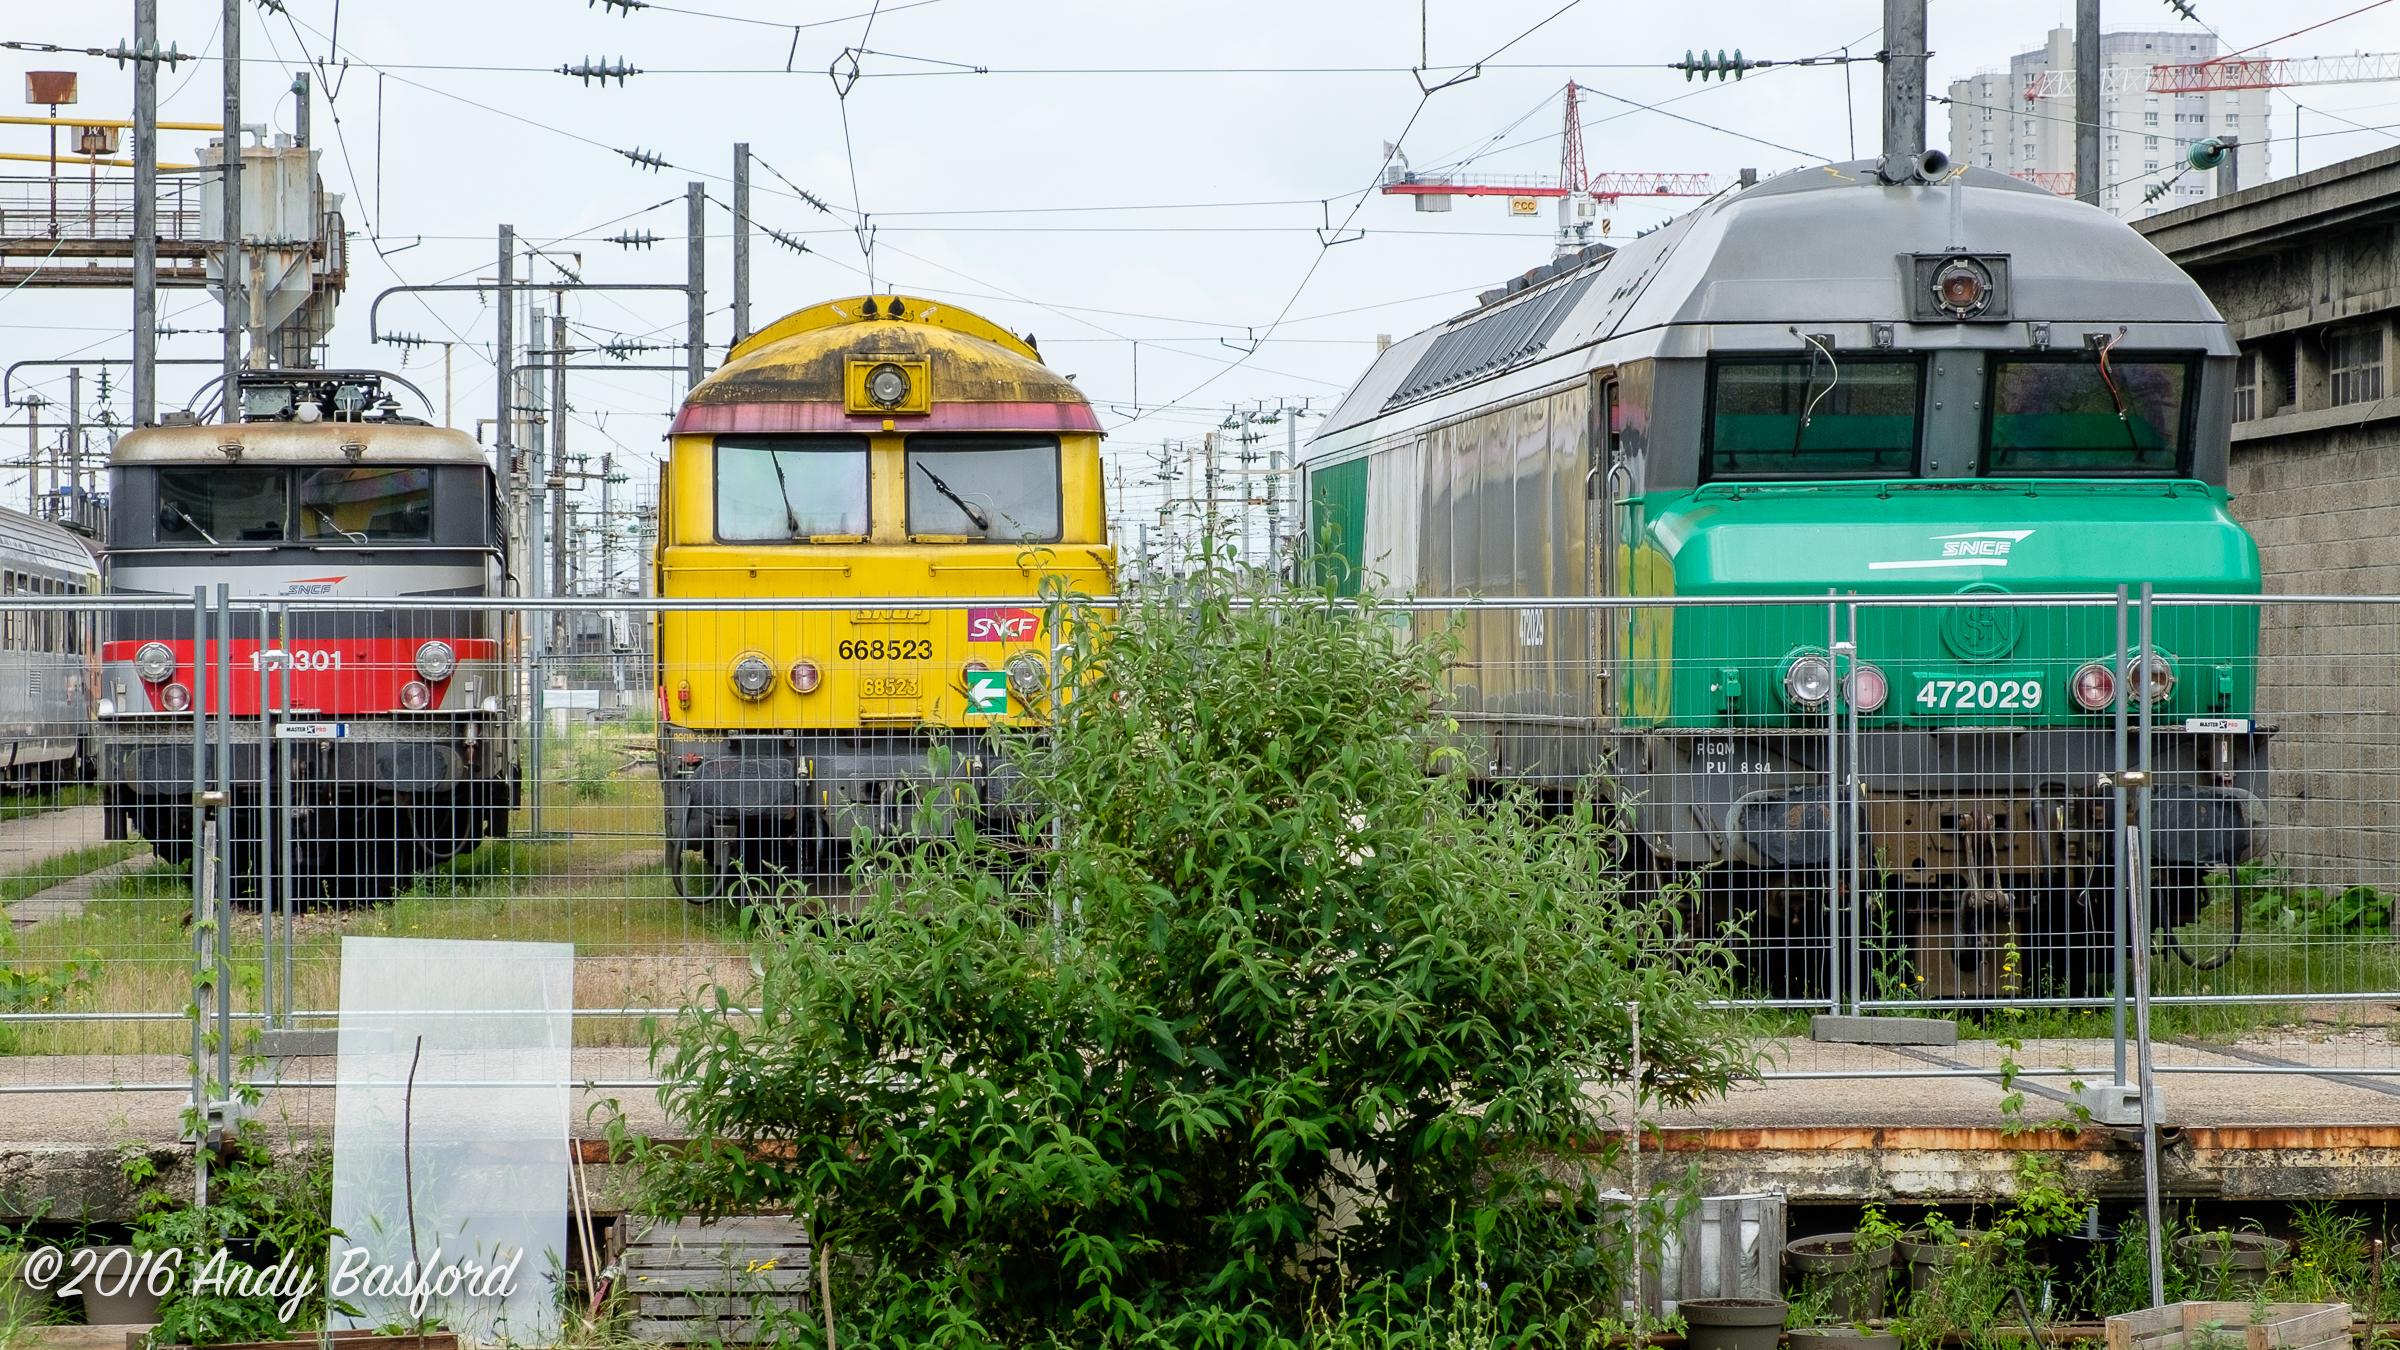 SNCF class BB 9300 109301, class A1AA1A 68500 668523 & class CC 72000 472029-20160618